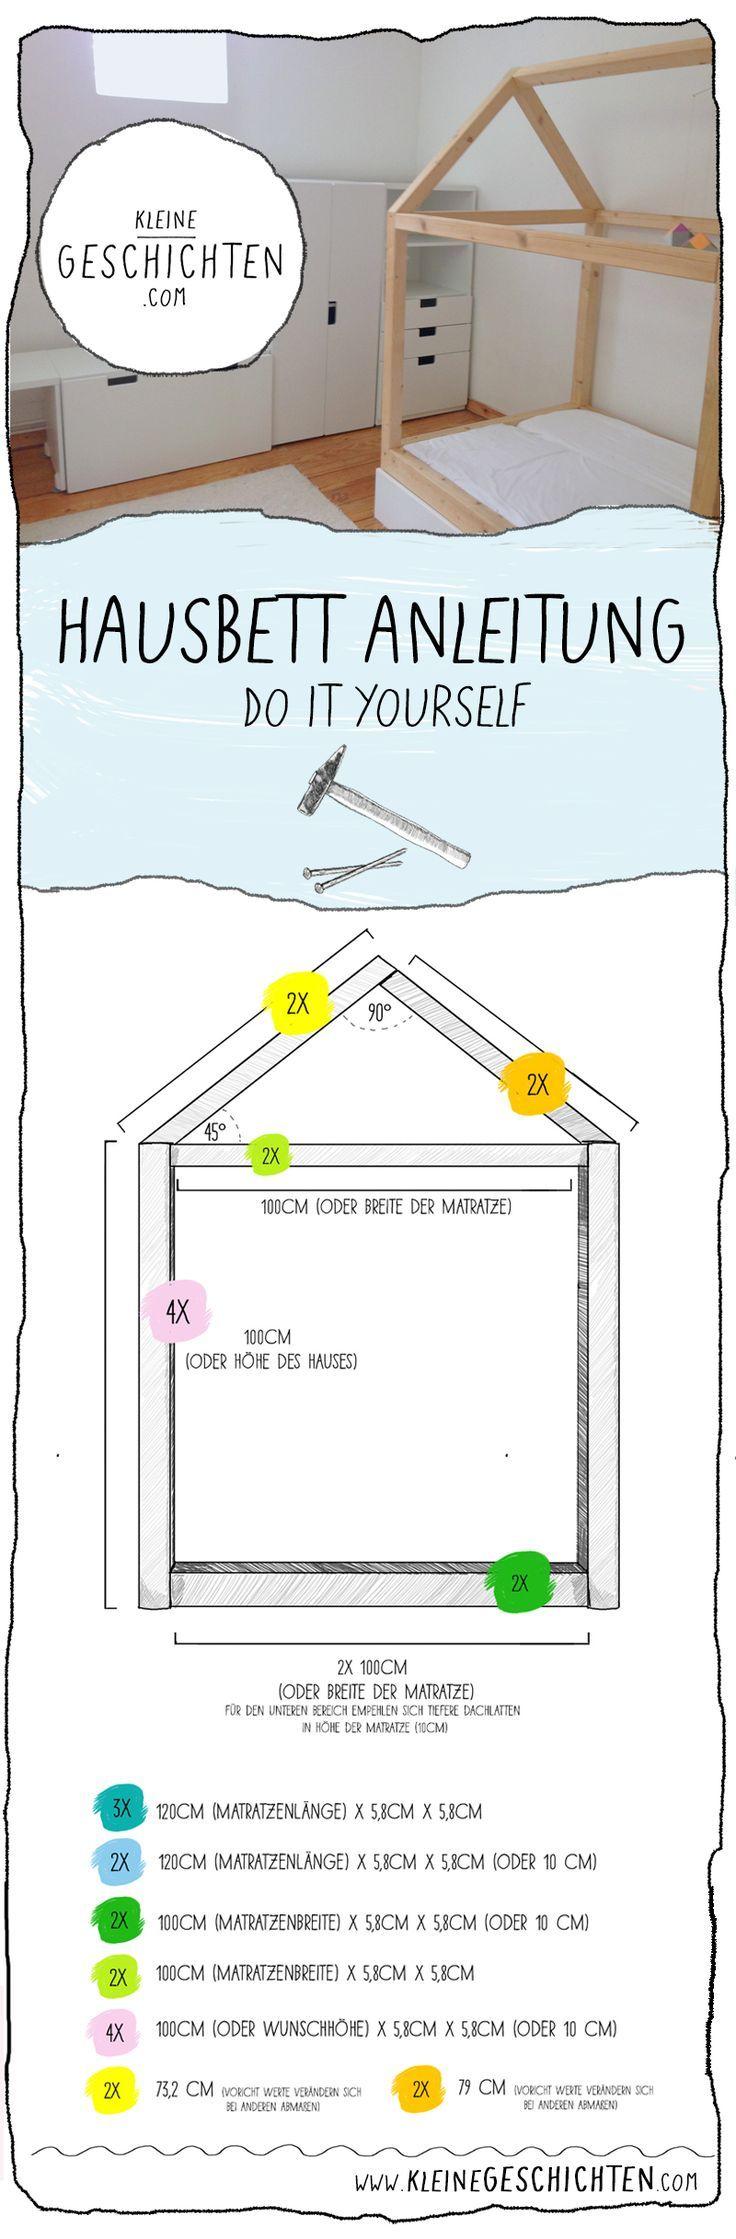 Kinderzimmer Bett selber bauen – Hausbett Anleitun…